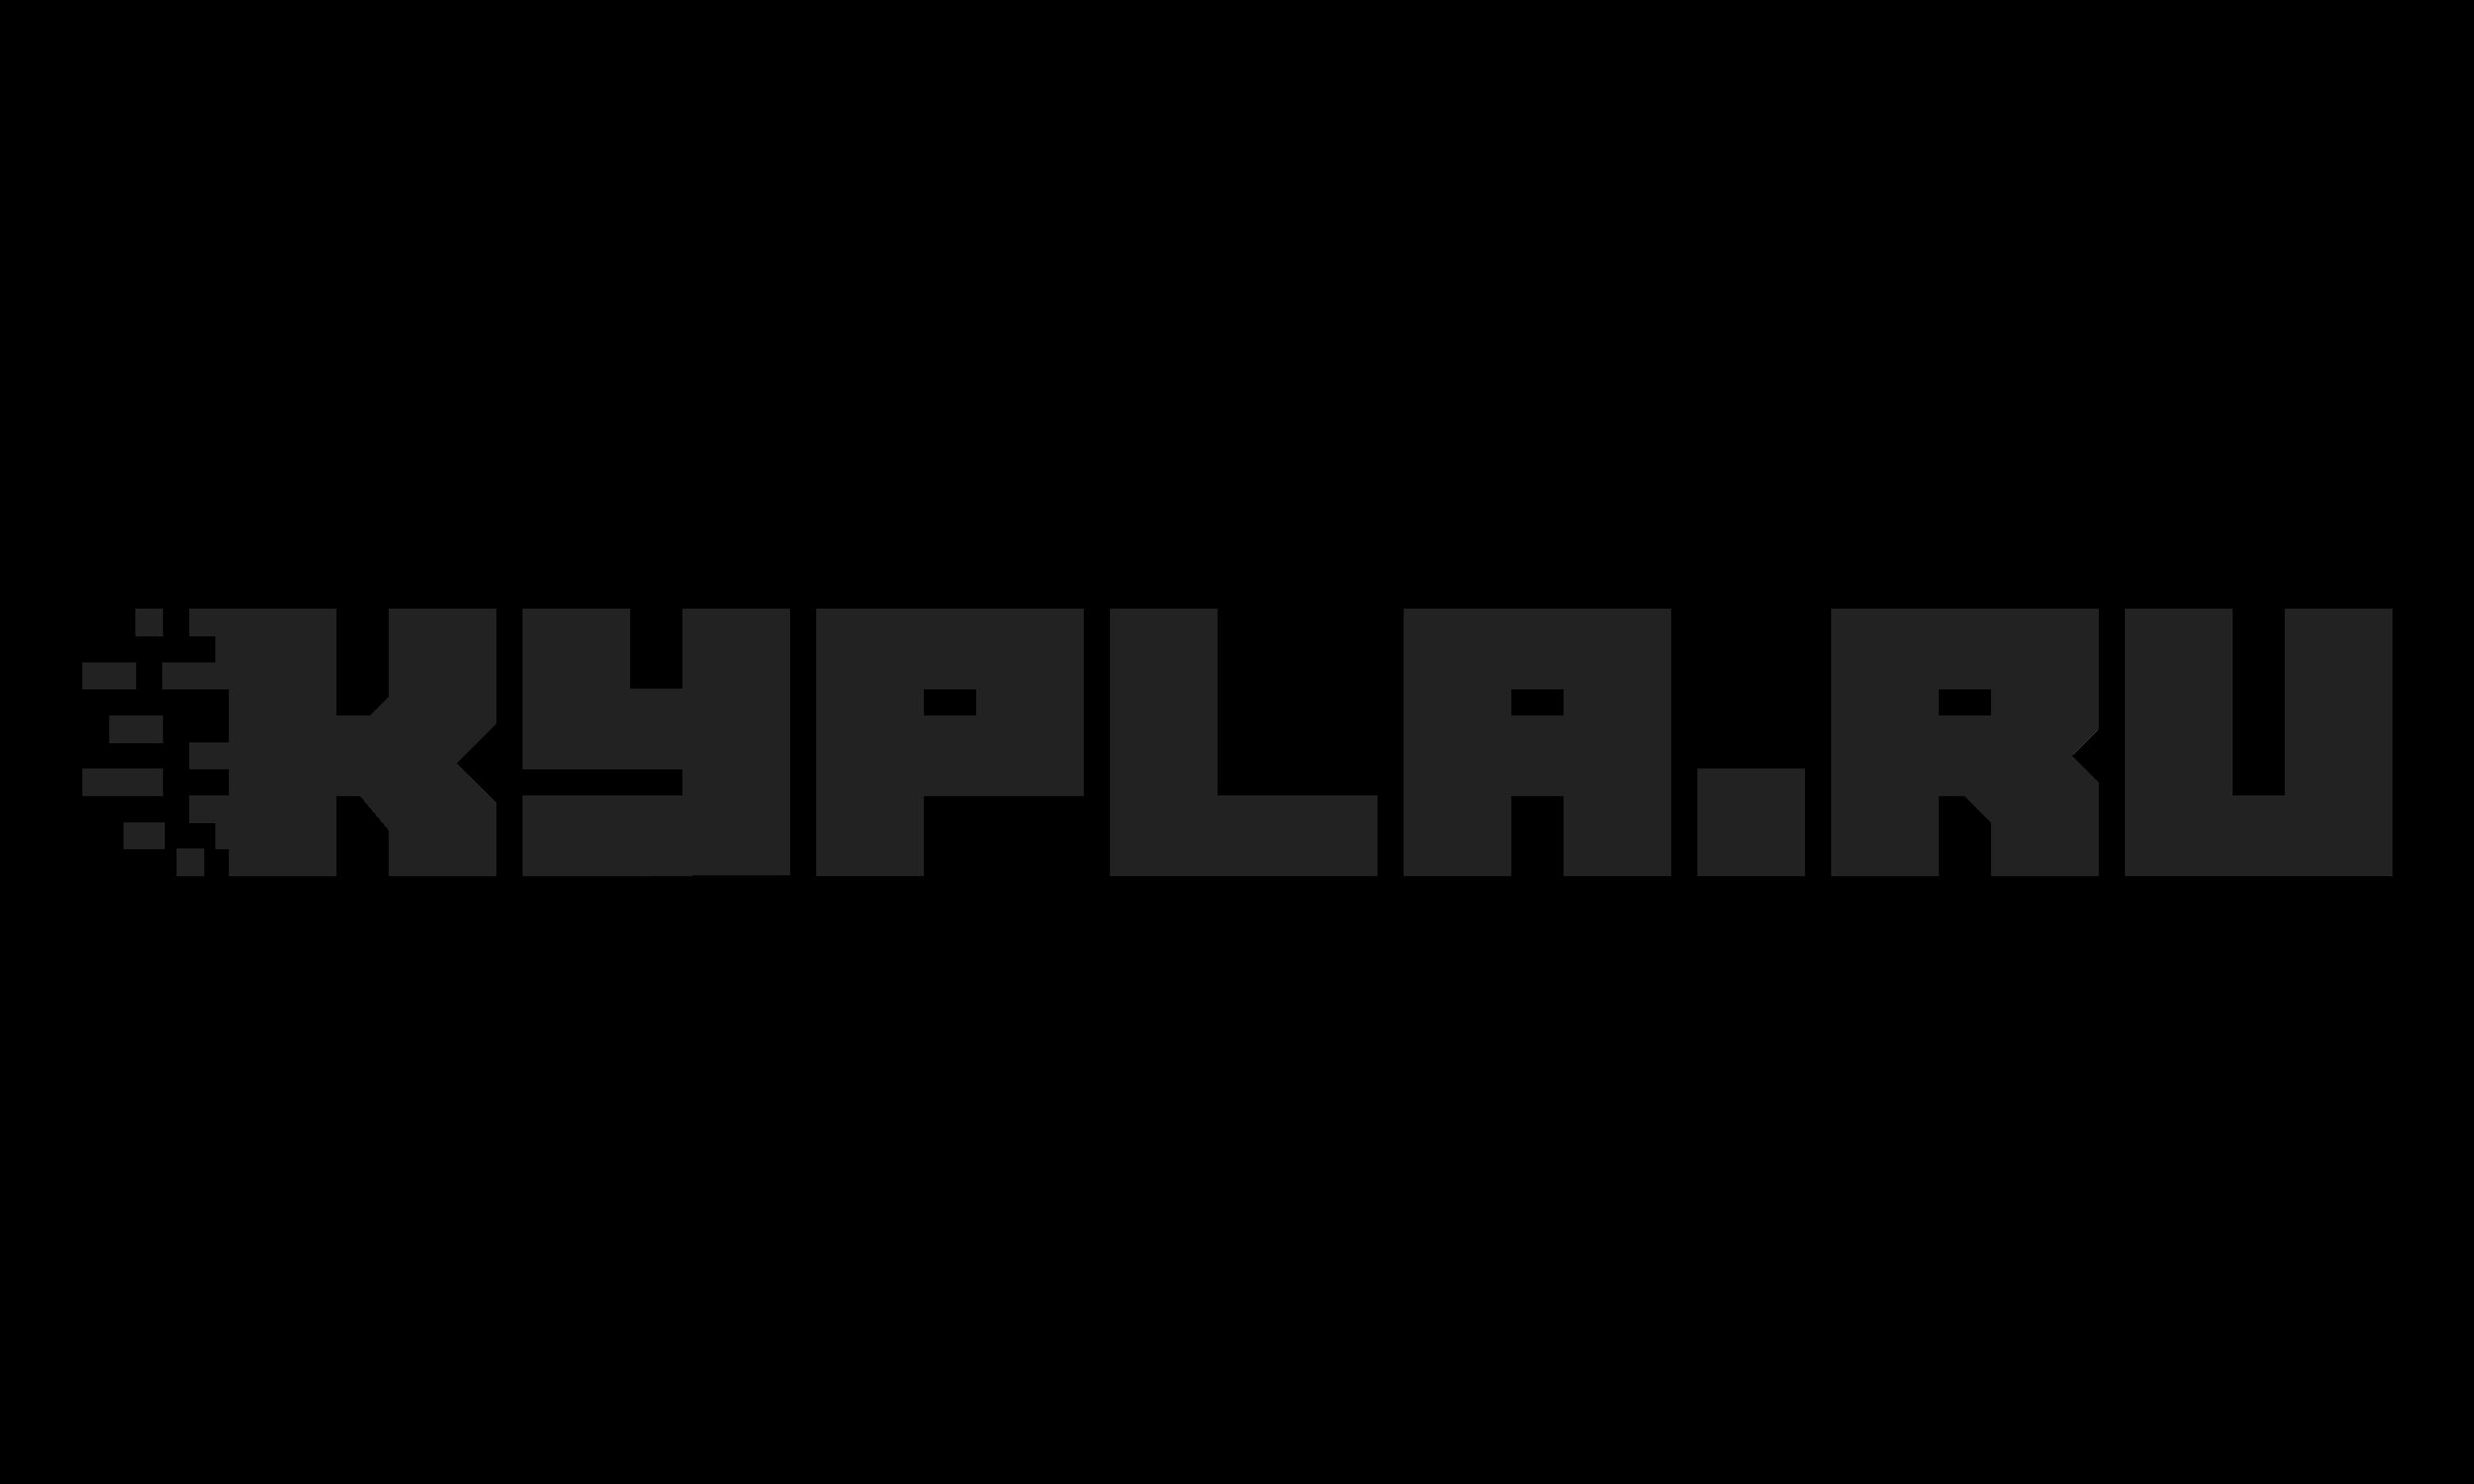 Kypla.ru продаём технику честно, просто и открыто!